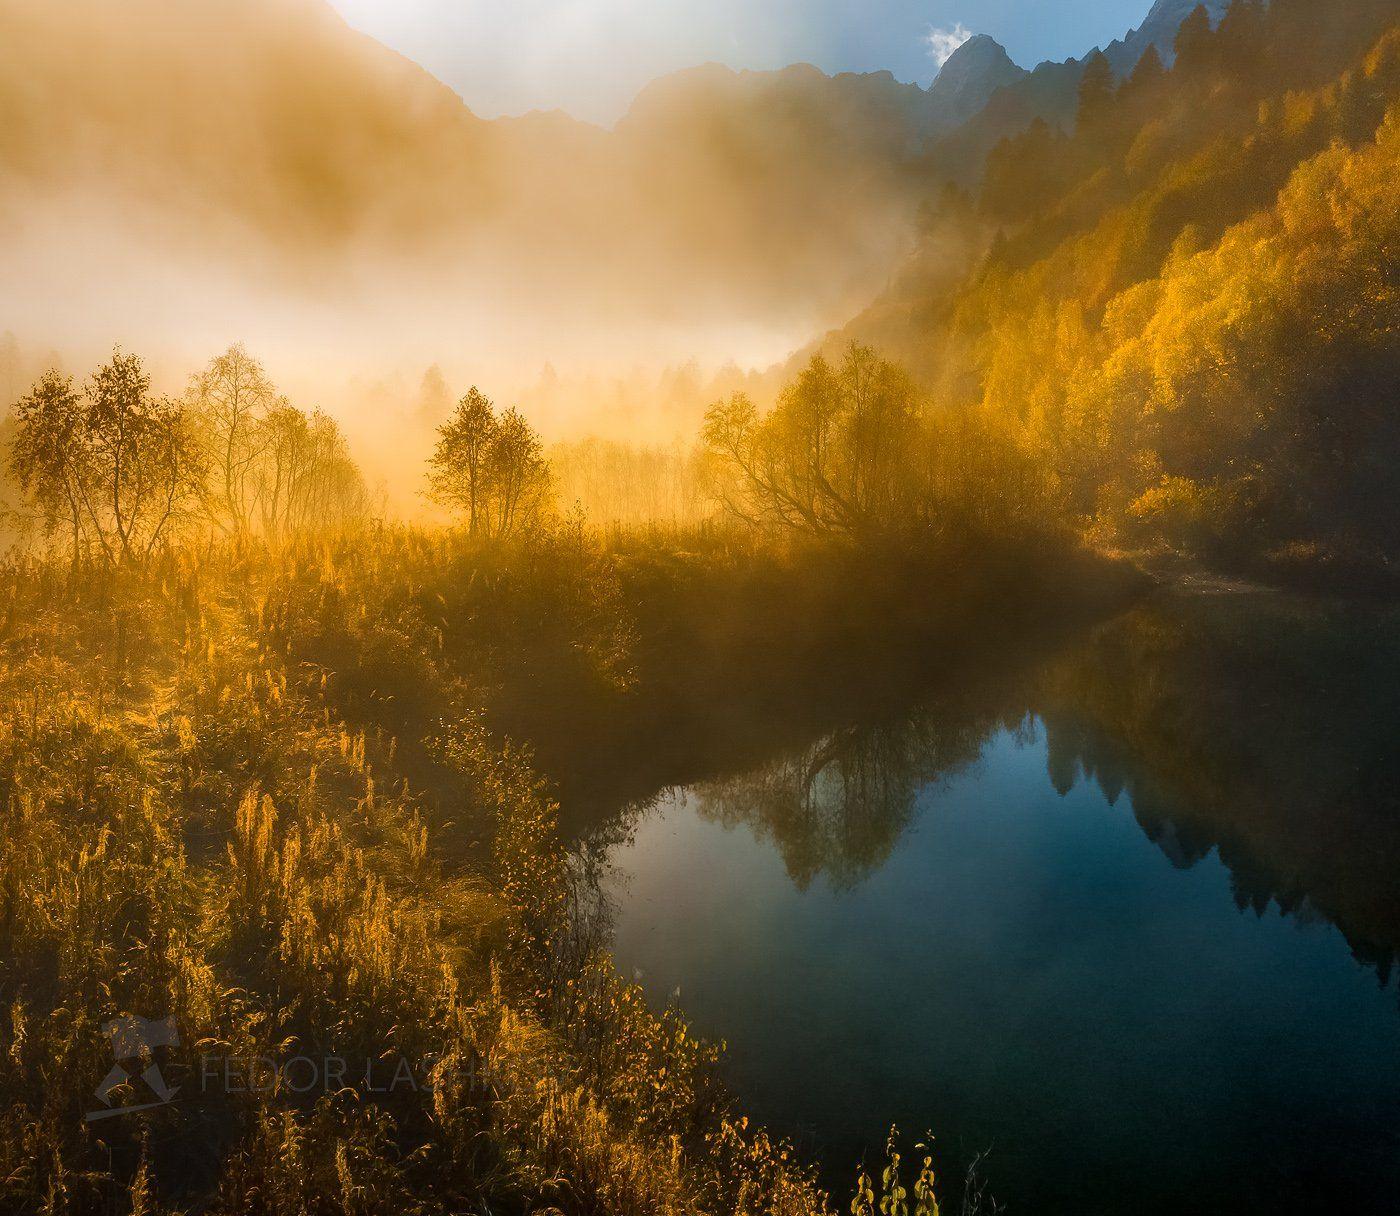 горы, гора, домбай, рассвет, солнце, осень, гоначхирское ущелье, озеро, тебердинский государственный природный биосферный заповедник, кавказ, хребет, вершина,  осенний, туман, туманный,, Лашков Фёдор